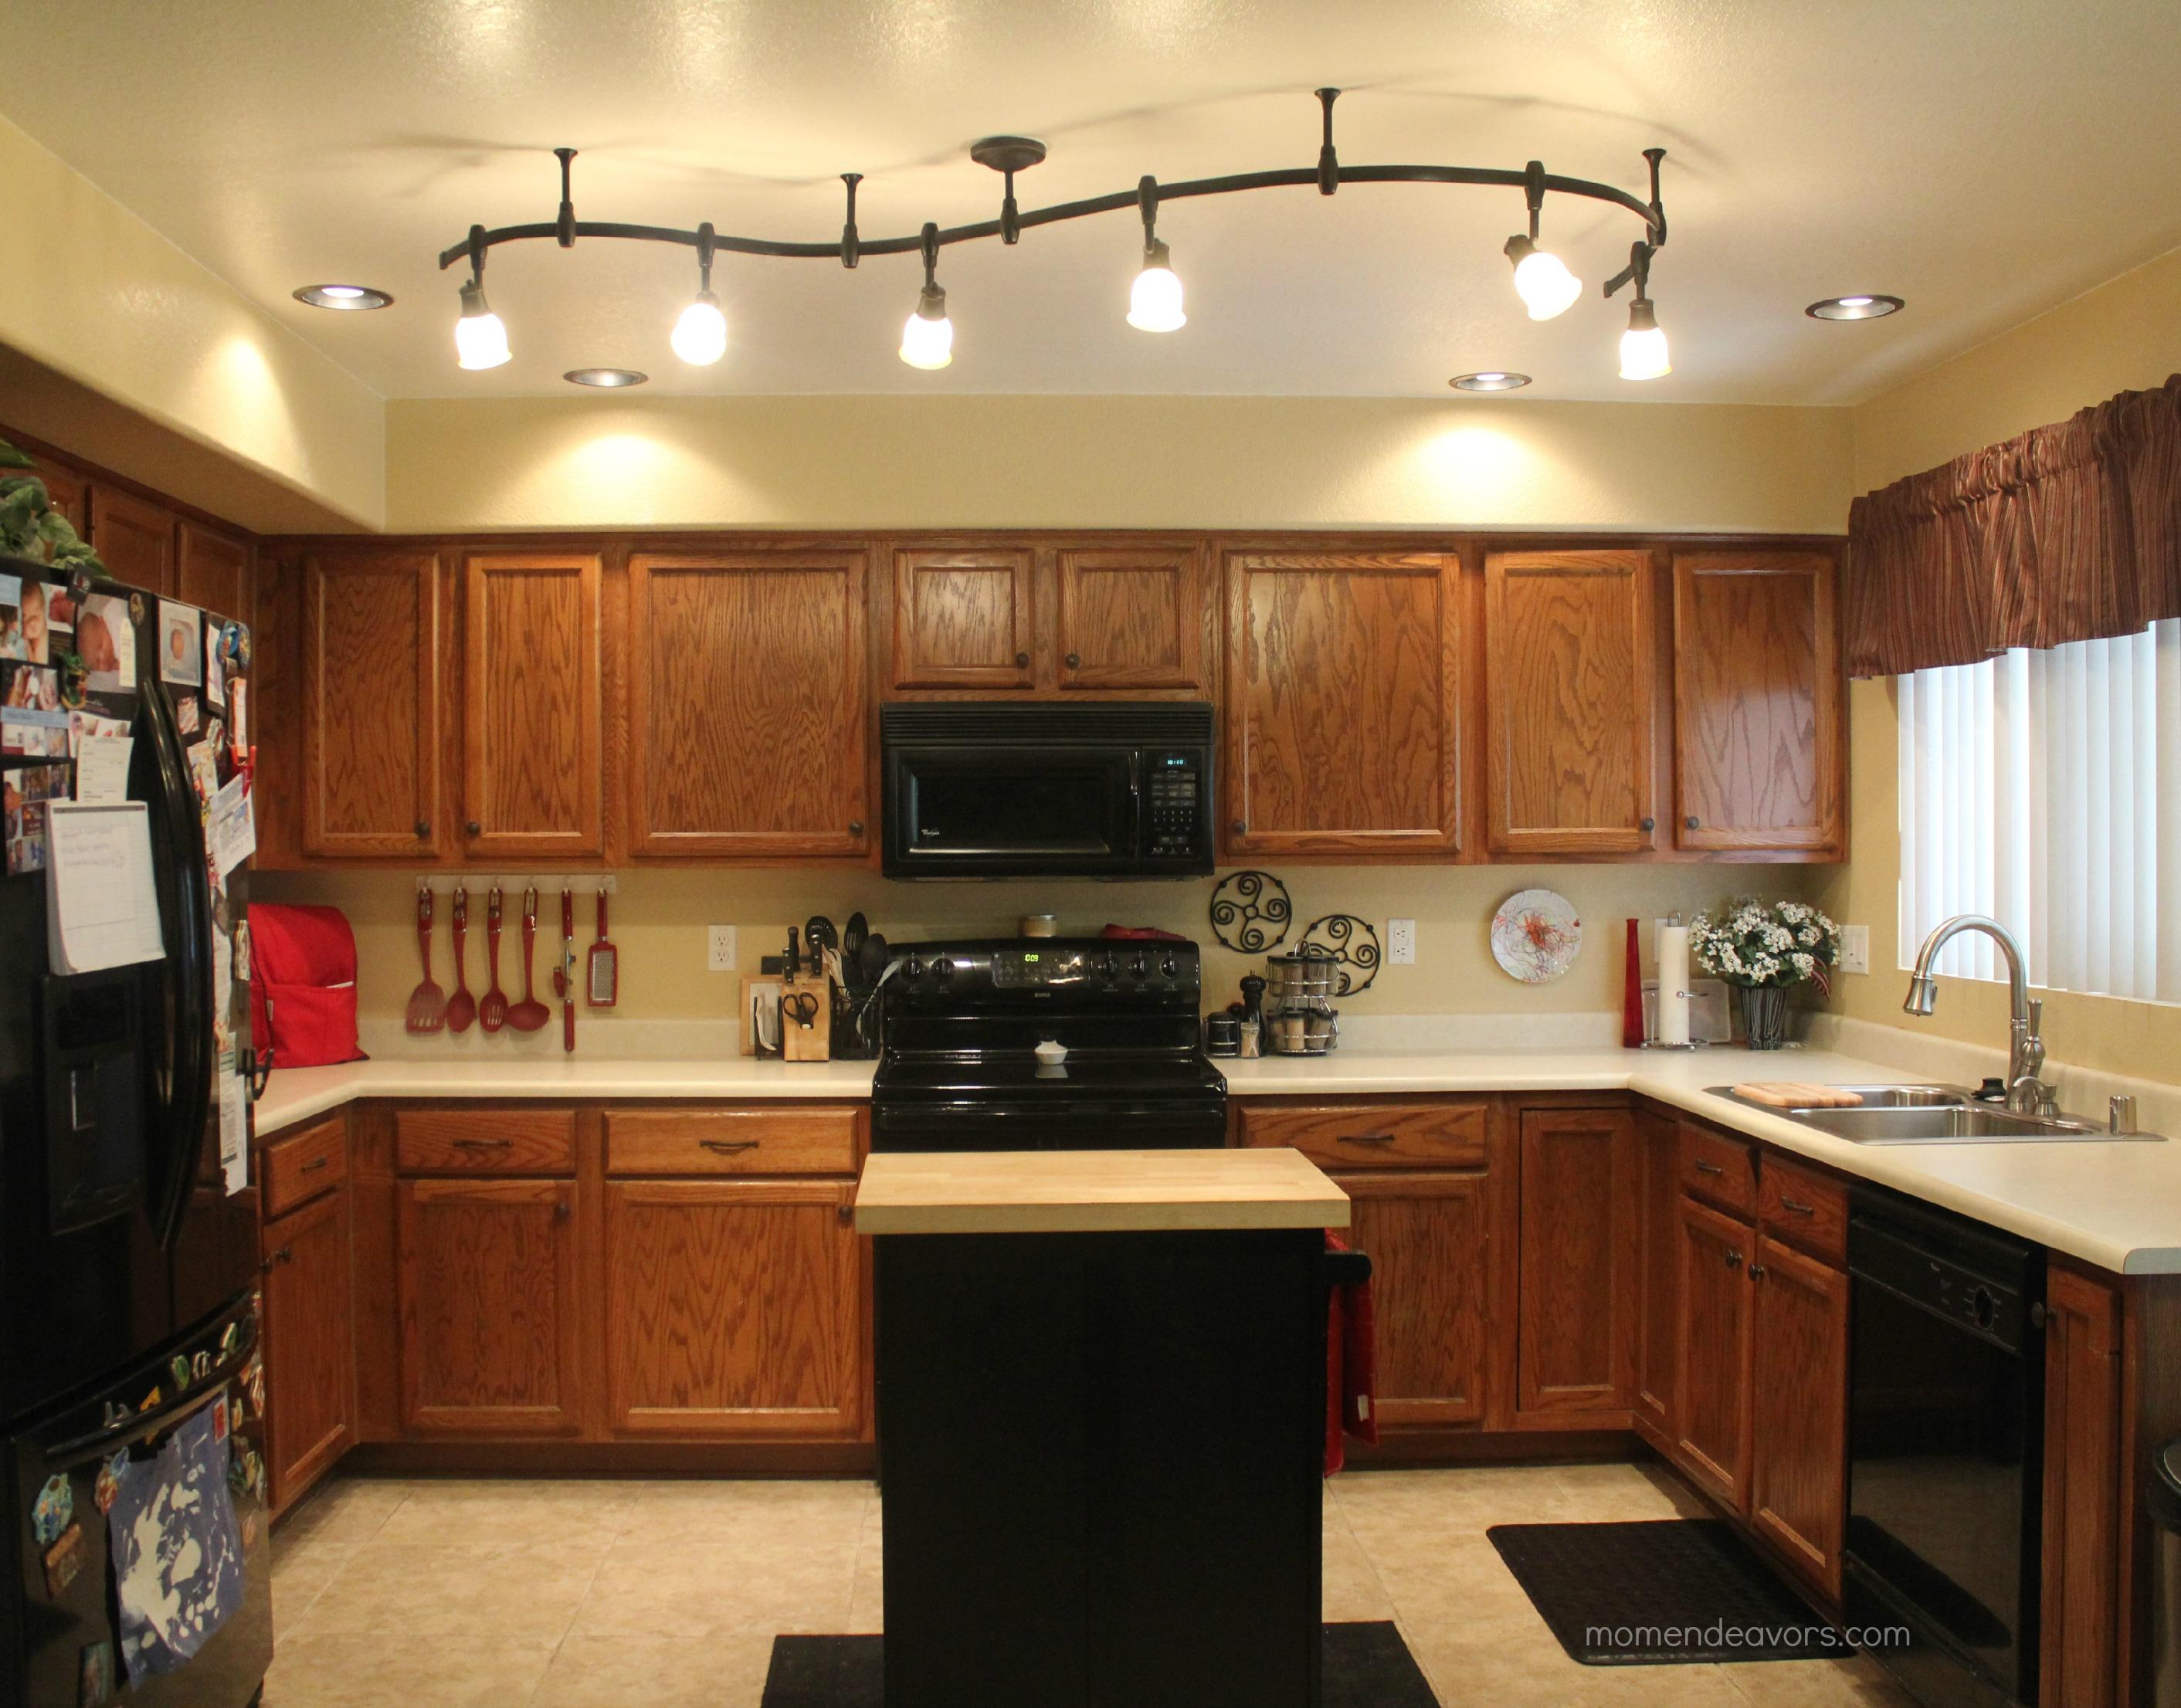 mini kitchen remodel kitchen lighting Now